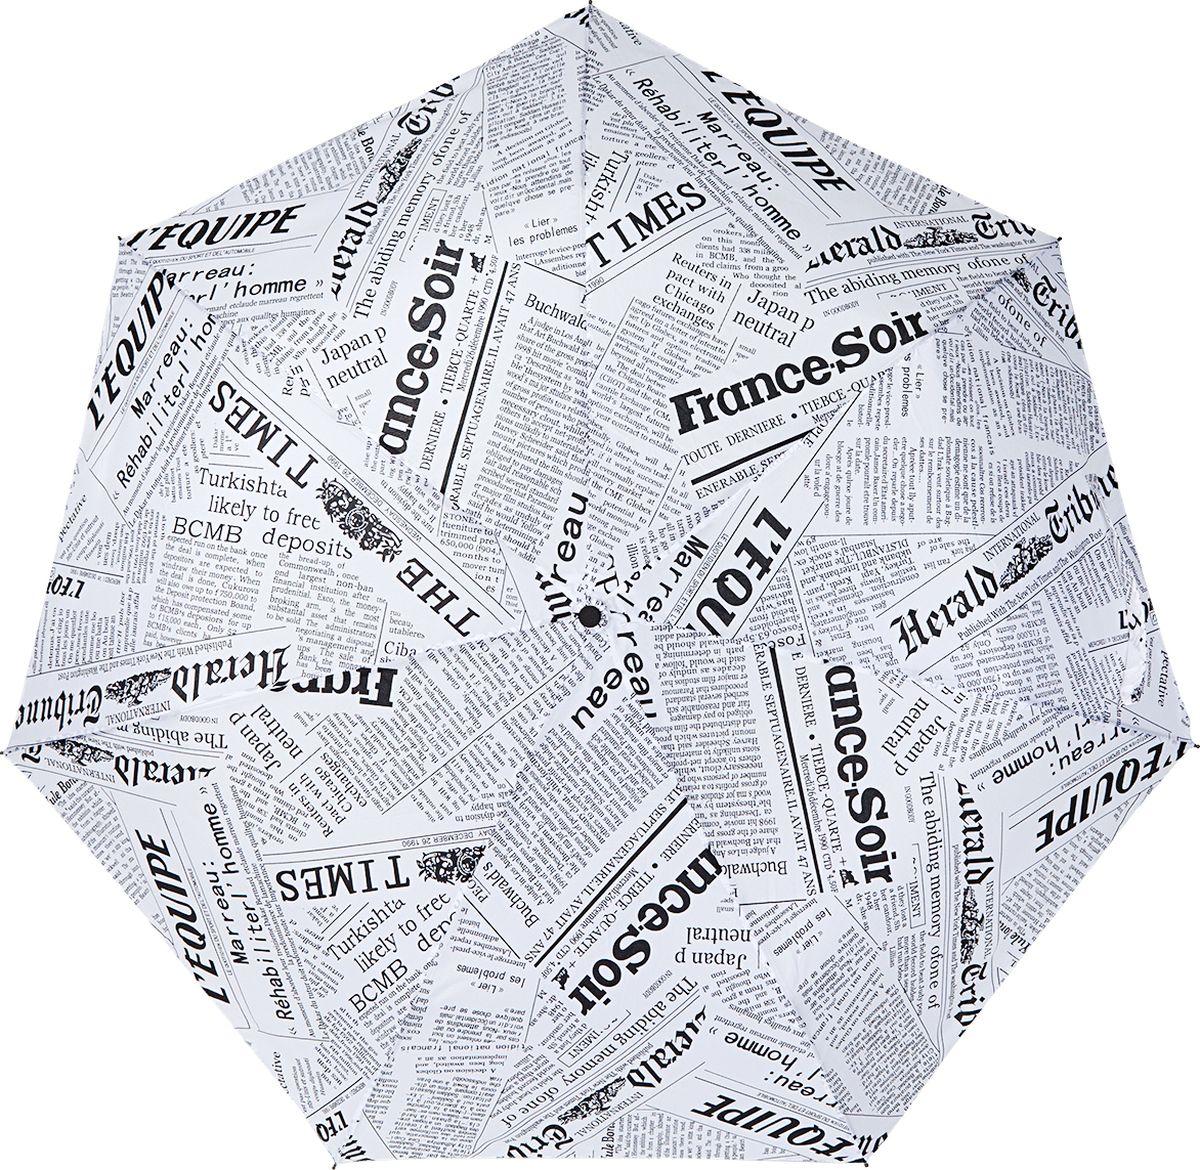 Зонт женский Labbra, цвет: белый. A3-05-LM201Колье (короткие одноярусные бусы)Женский зонт-автомат торговой марки LABBRA. Купол: 100% полиэстер, эпонж. Материал каркаса: сталь + алюминий + фибергласс. Материал ручки: пластик. Длина изделия - 26 см. Диаметр купола - 90 см.